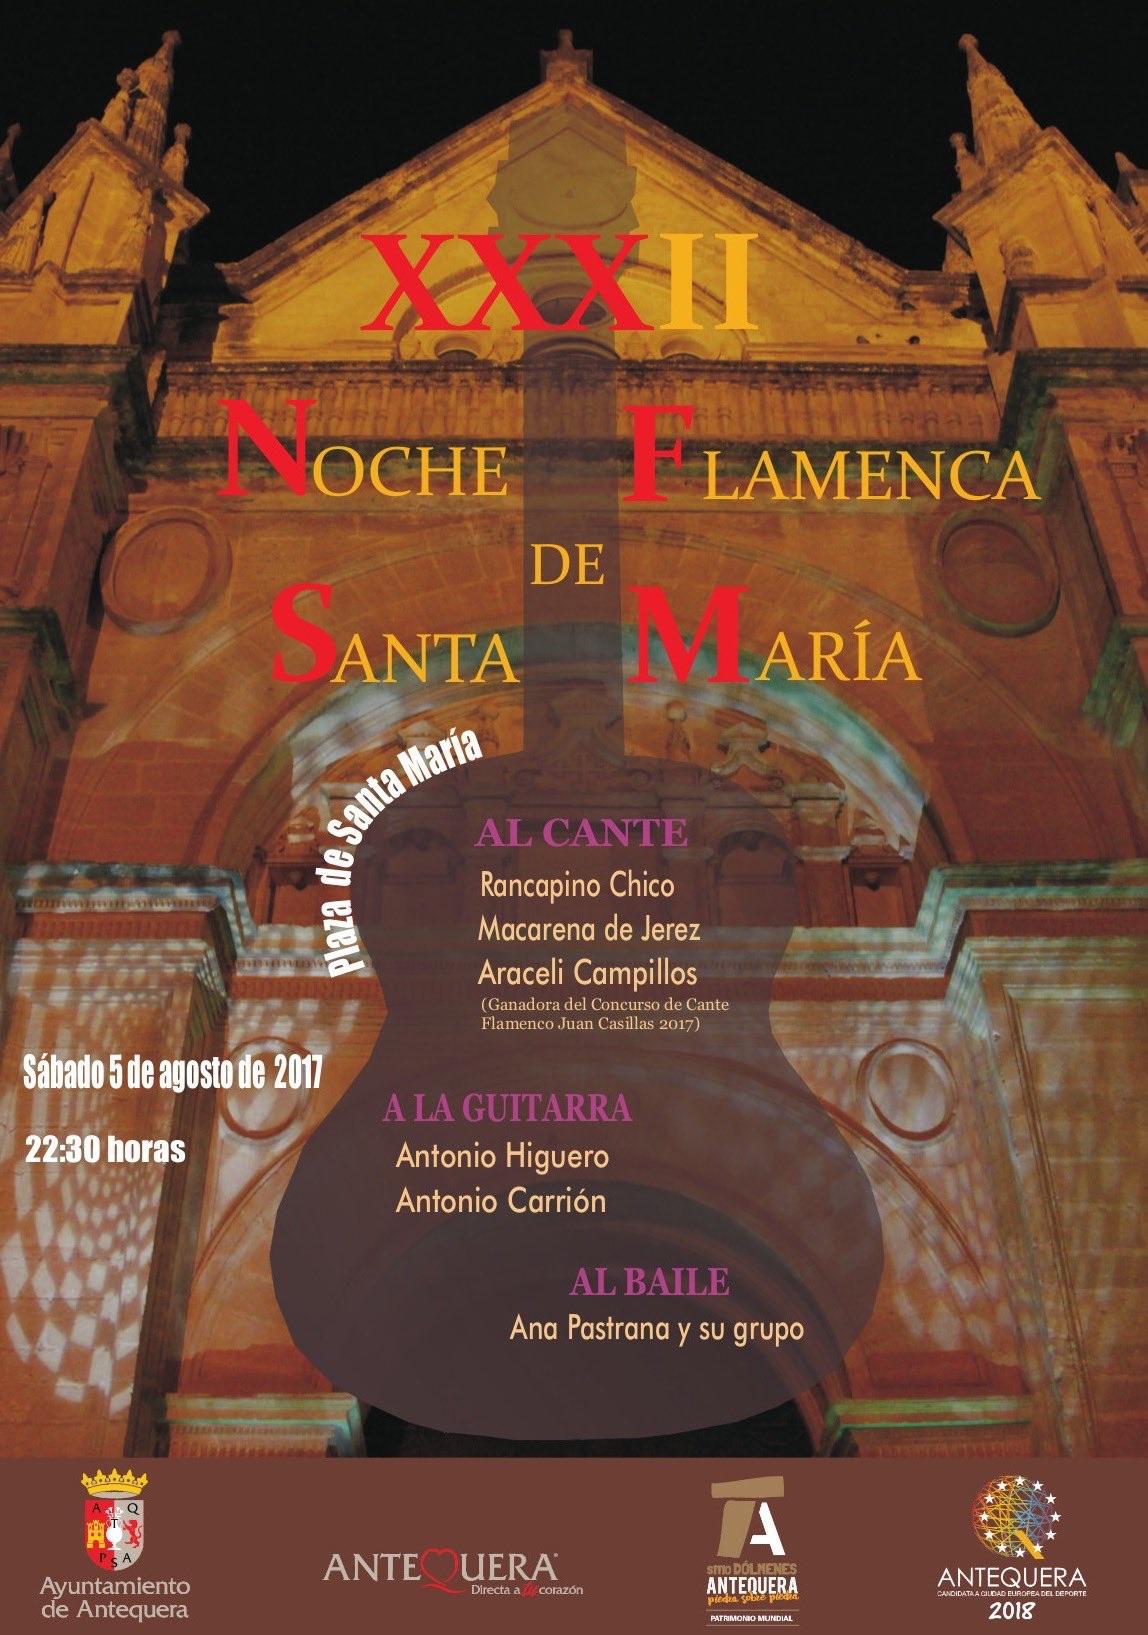 XXXII Noche Flamenca de Santa María en Antequera 2017 (5 de agosto)